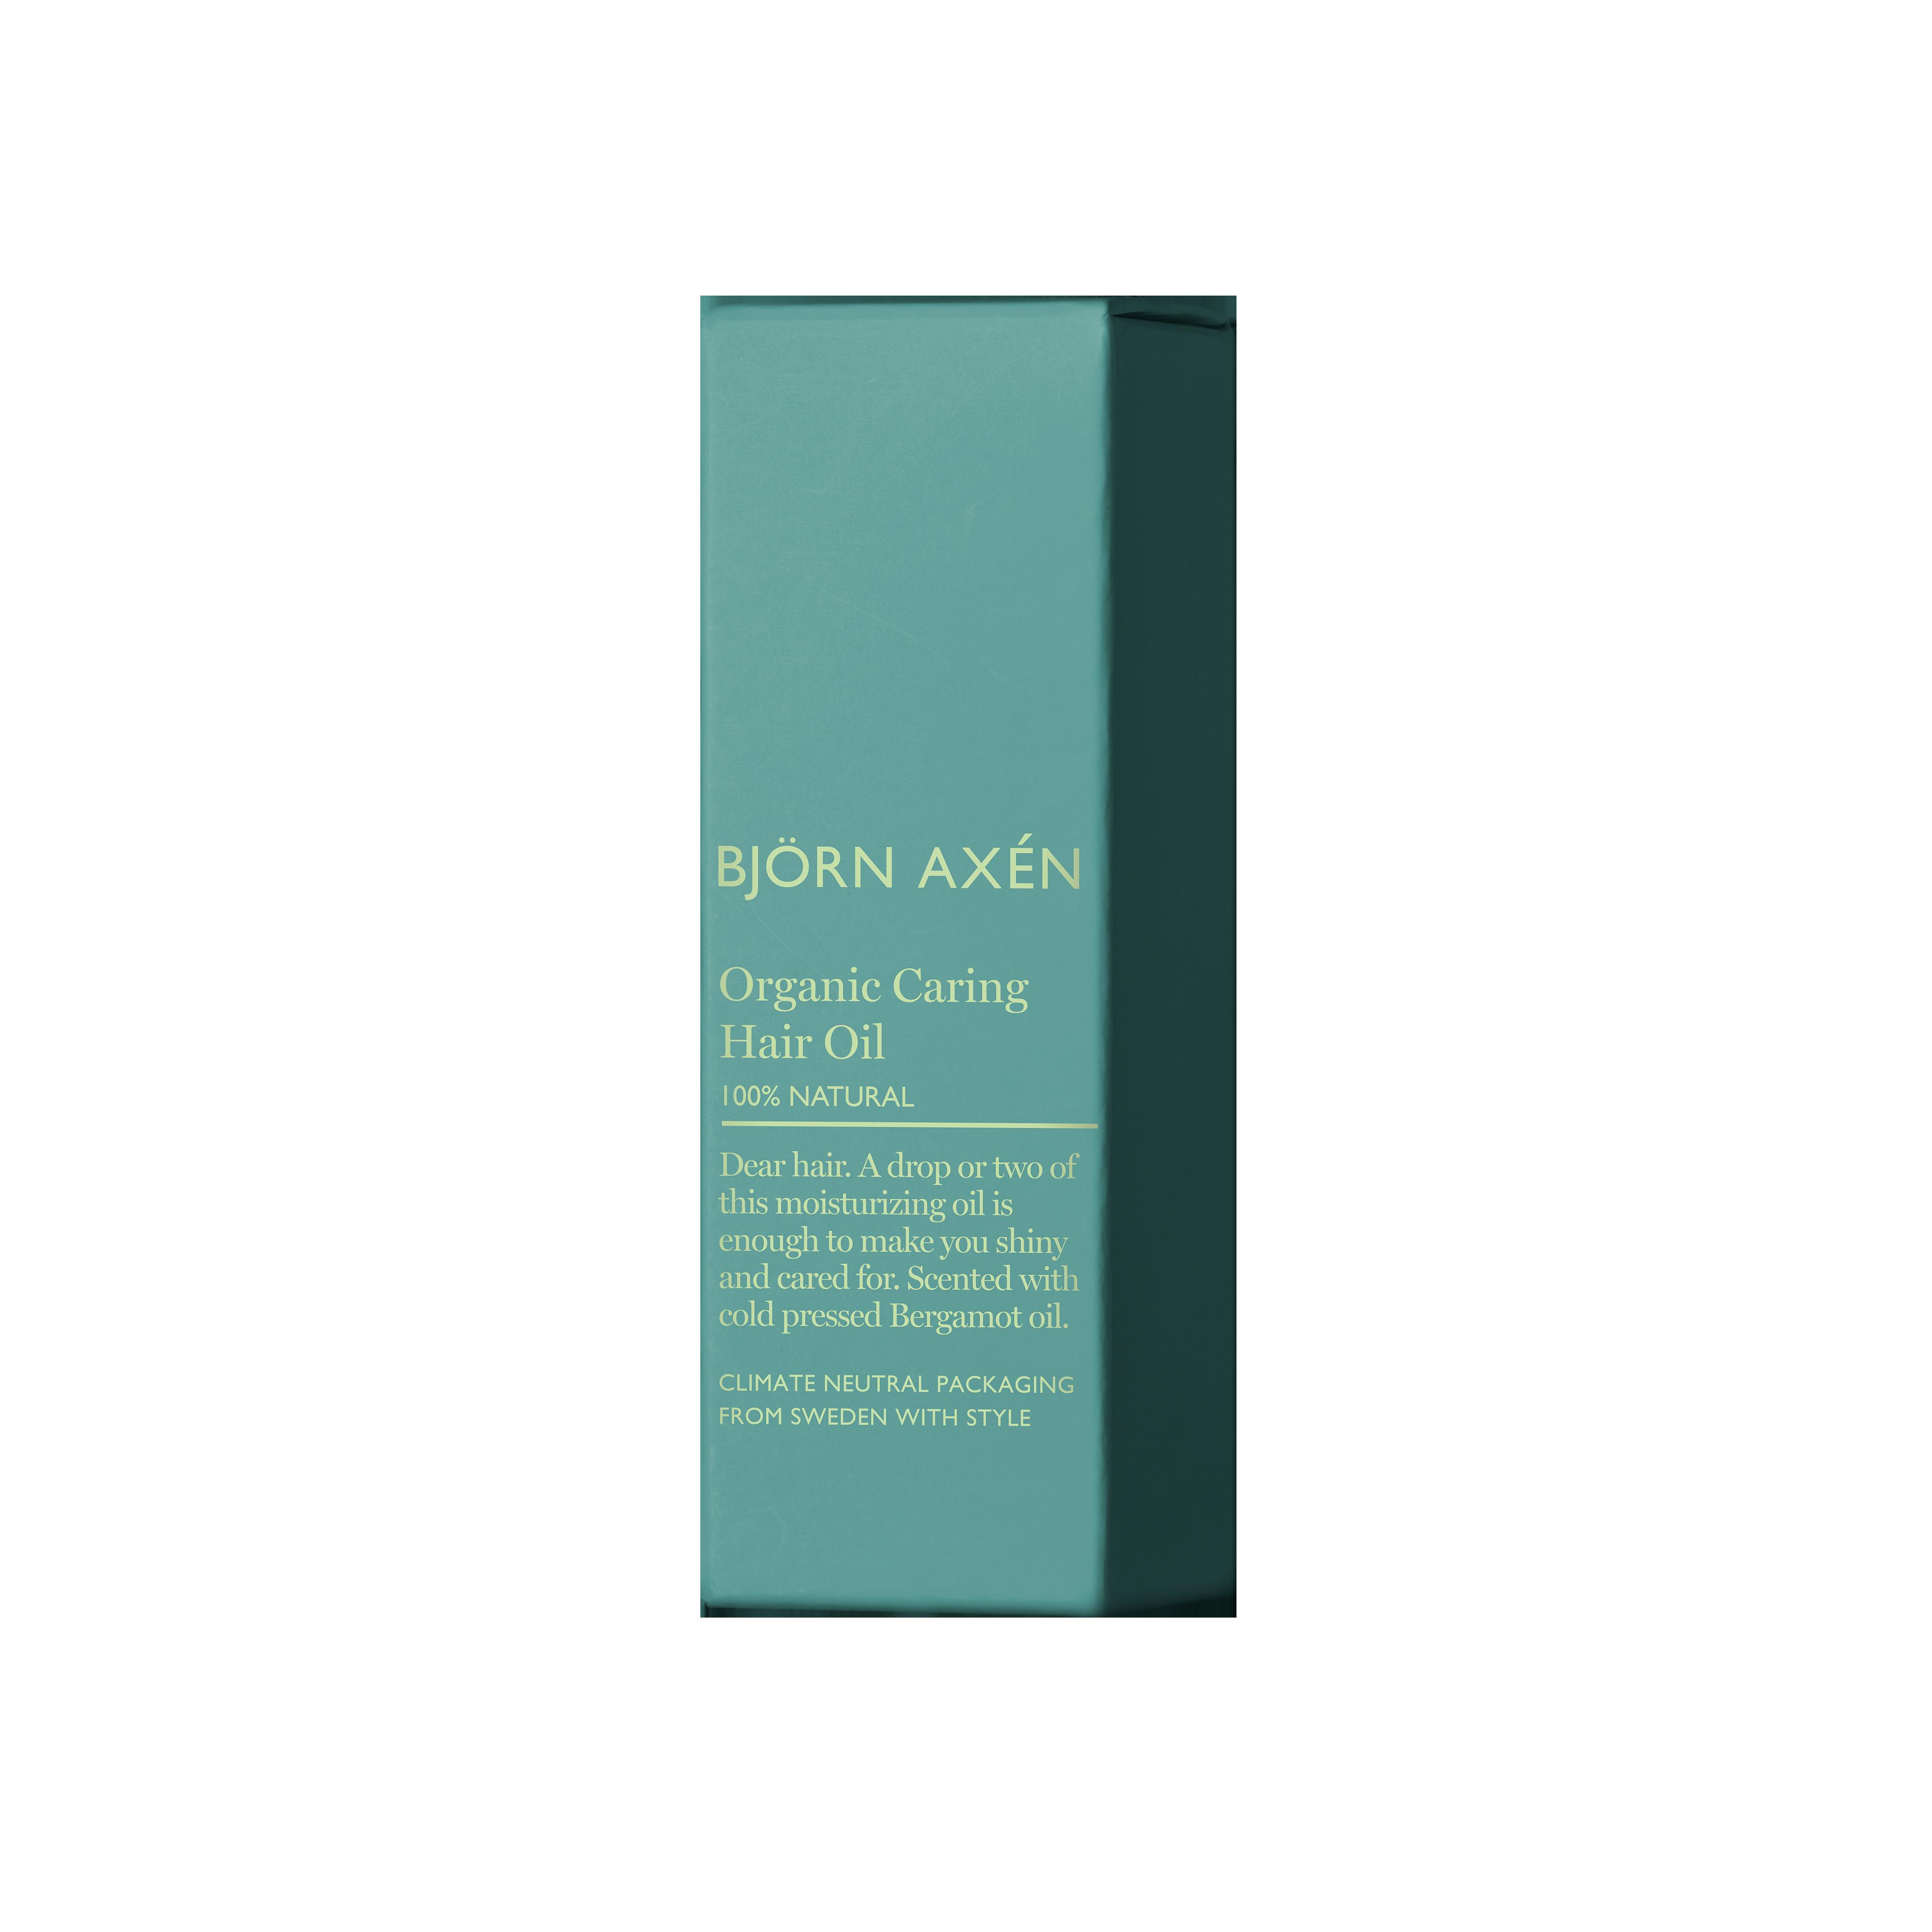 Organic Caring Hair Oil